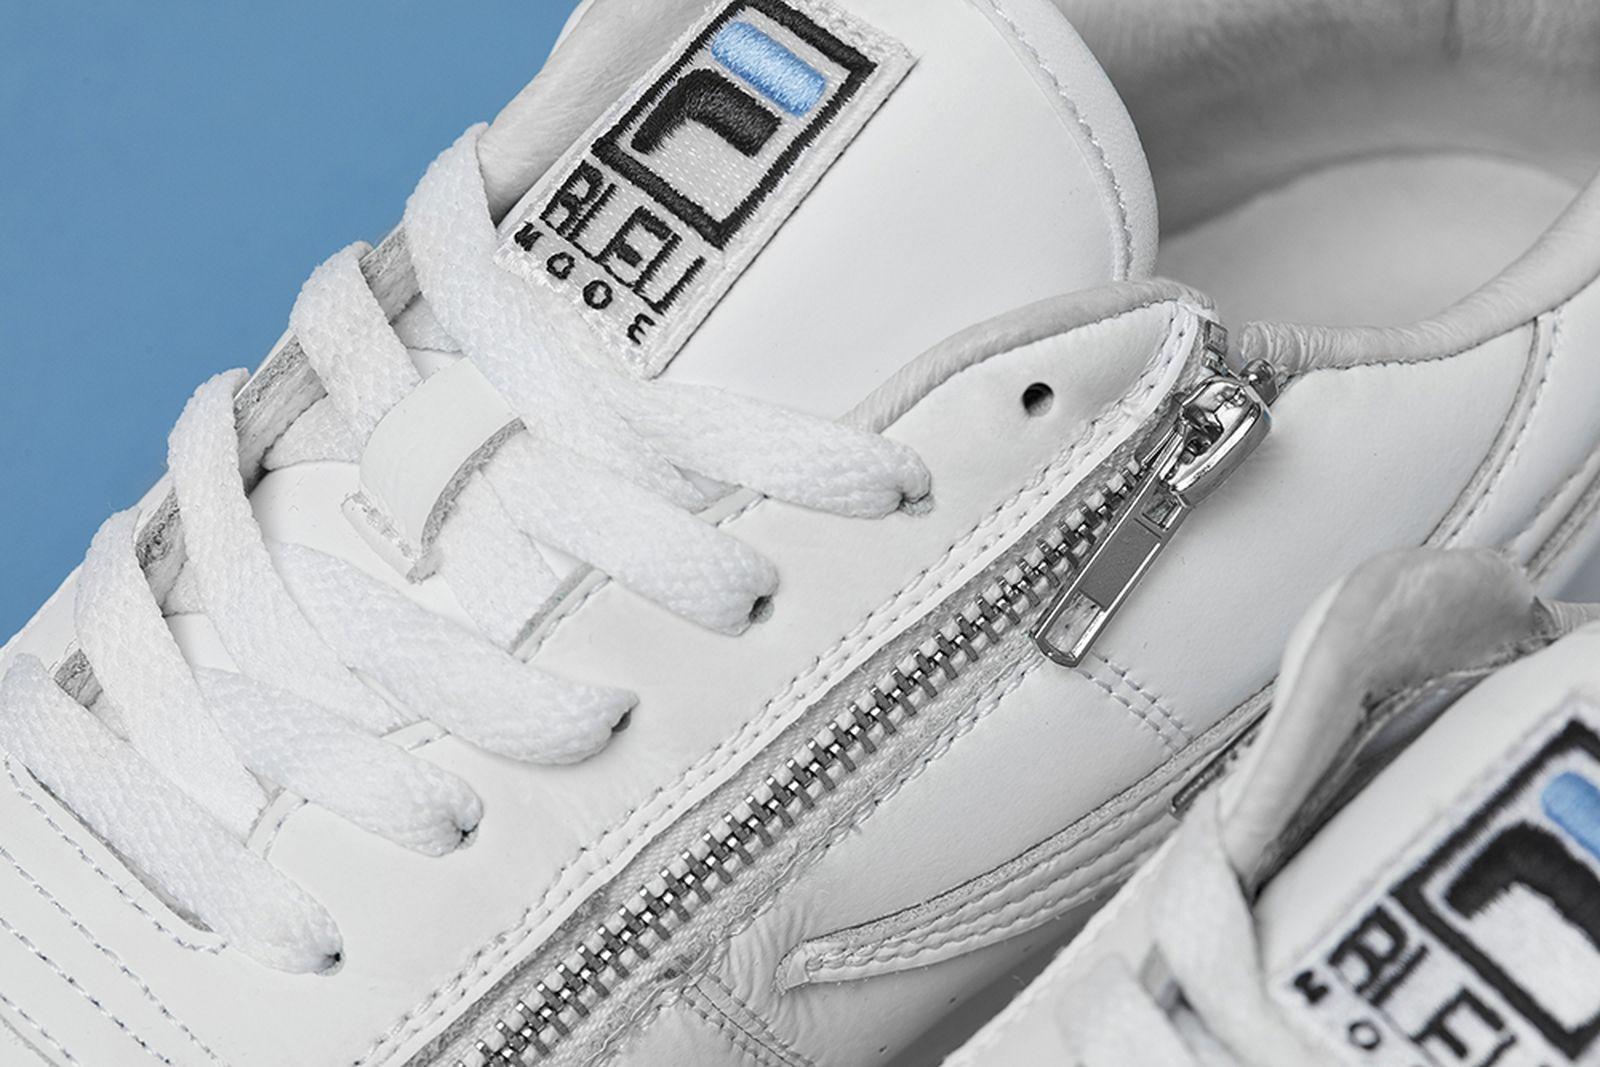 bleu-mode-fila-original-fitness-zipper-release-date-price-06